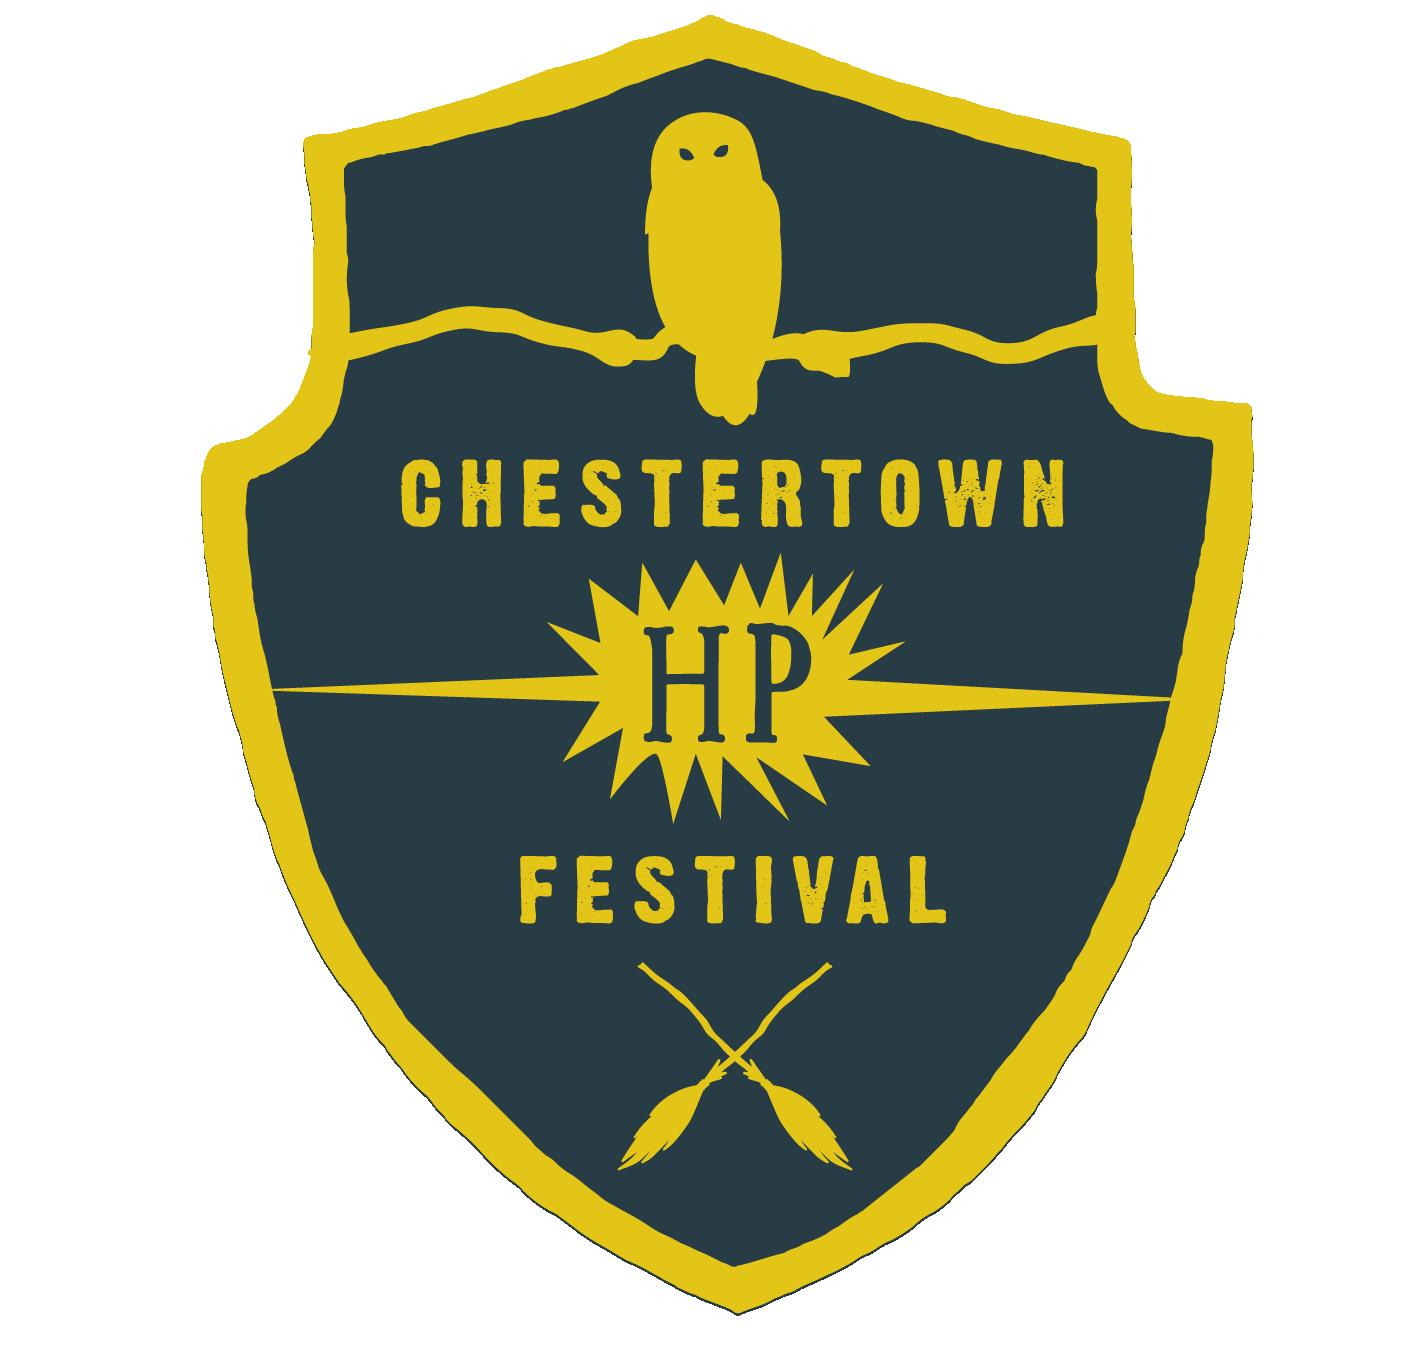 Chestertown HP Festival